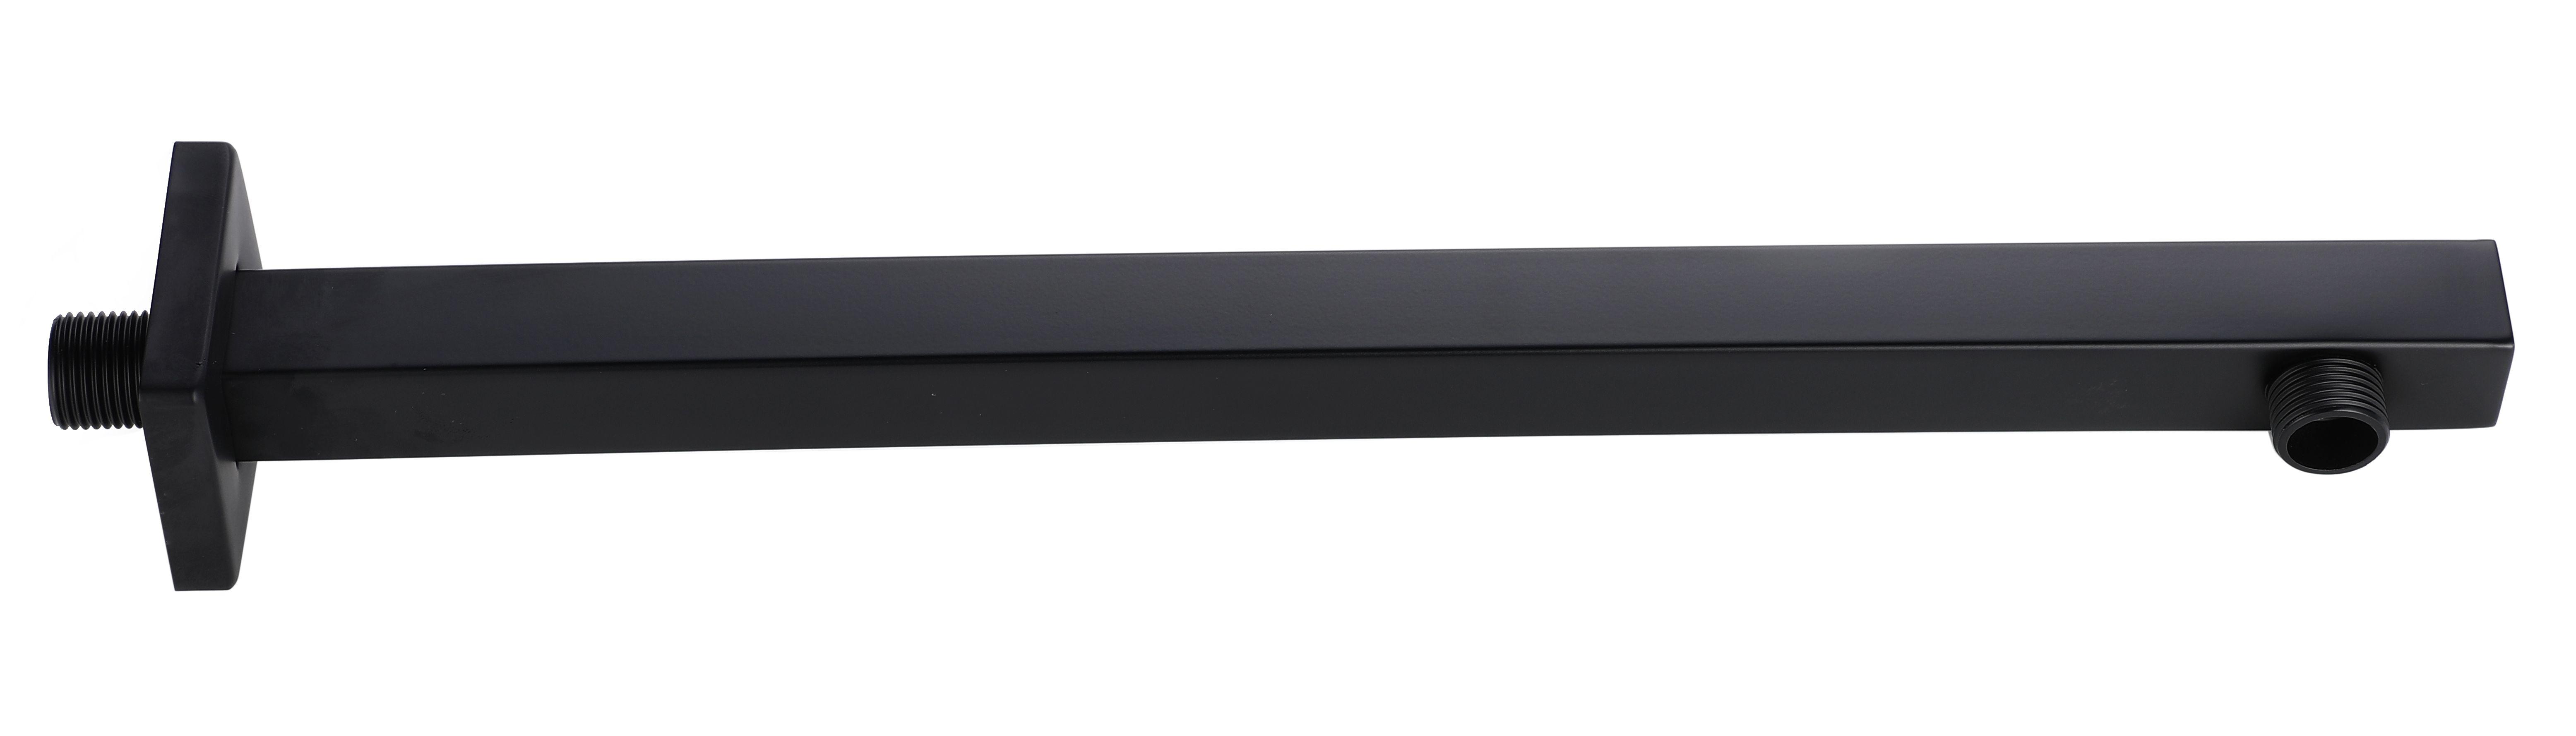 schwarzer 40 cm Designer Brausearm für Regenbrausen (eckig)